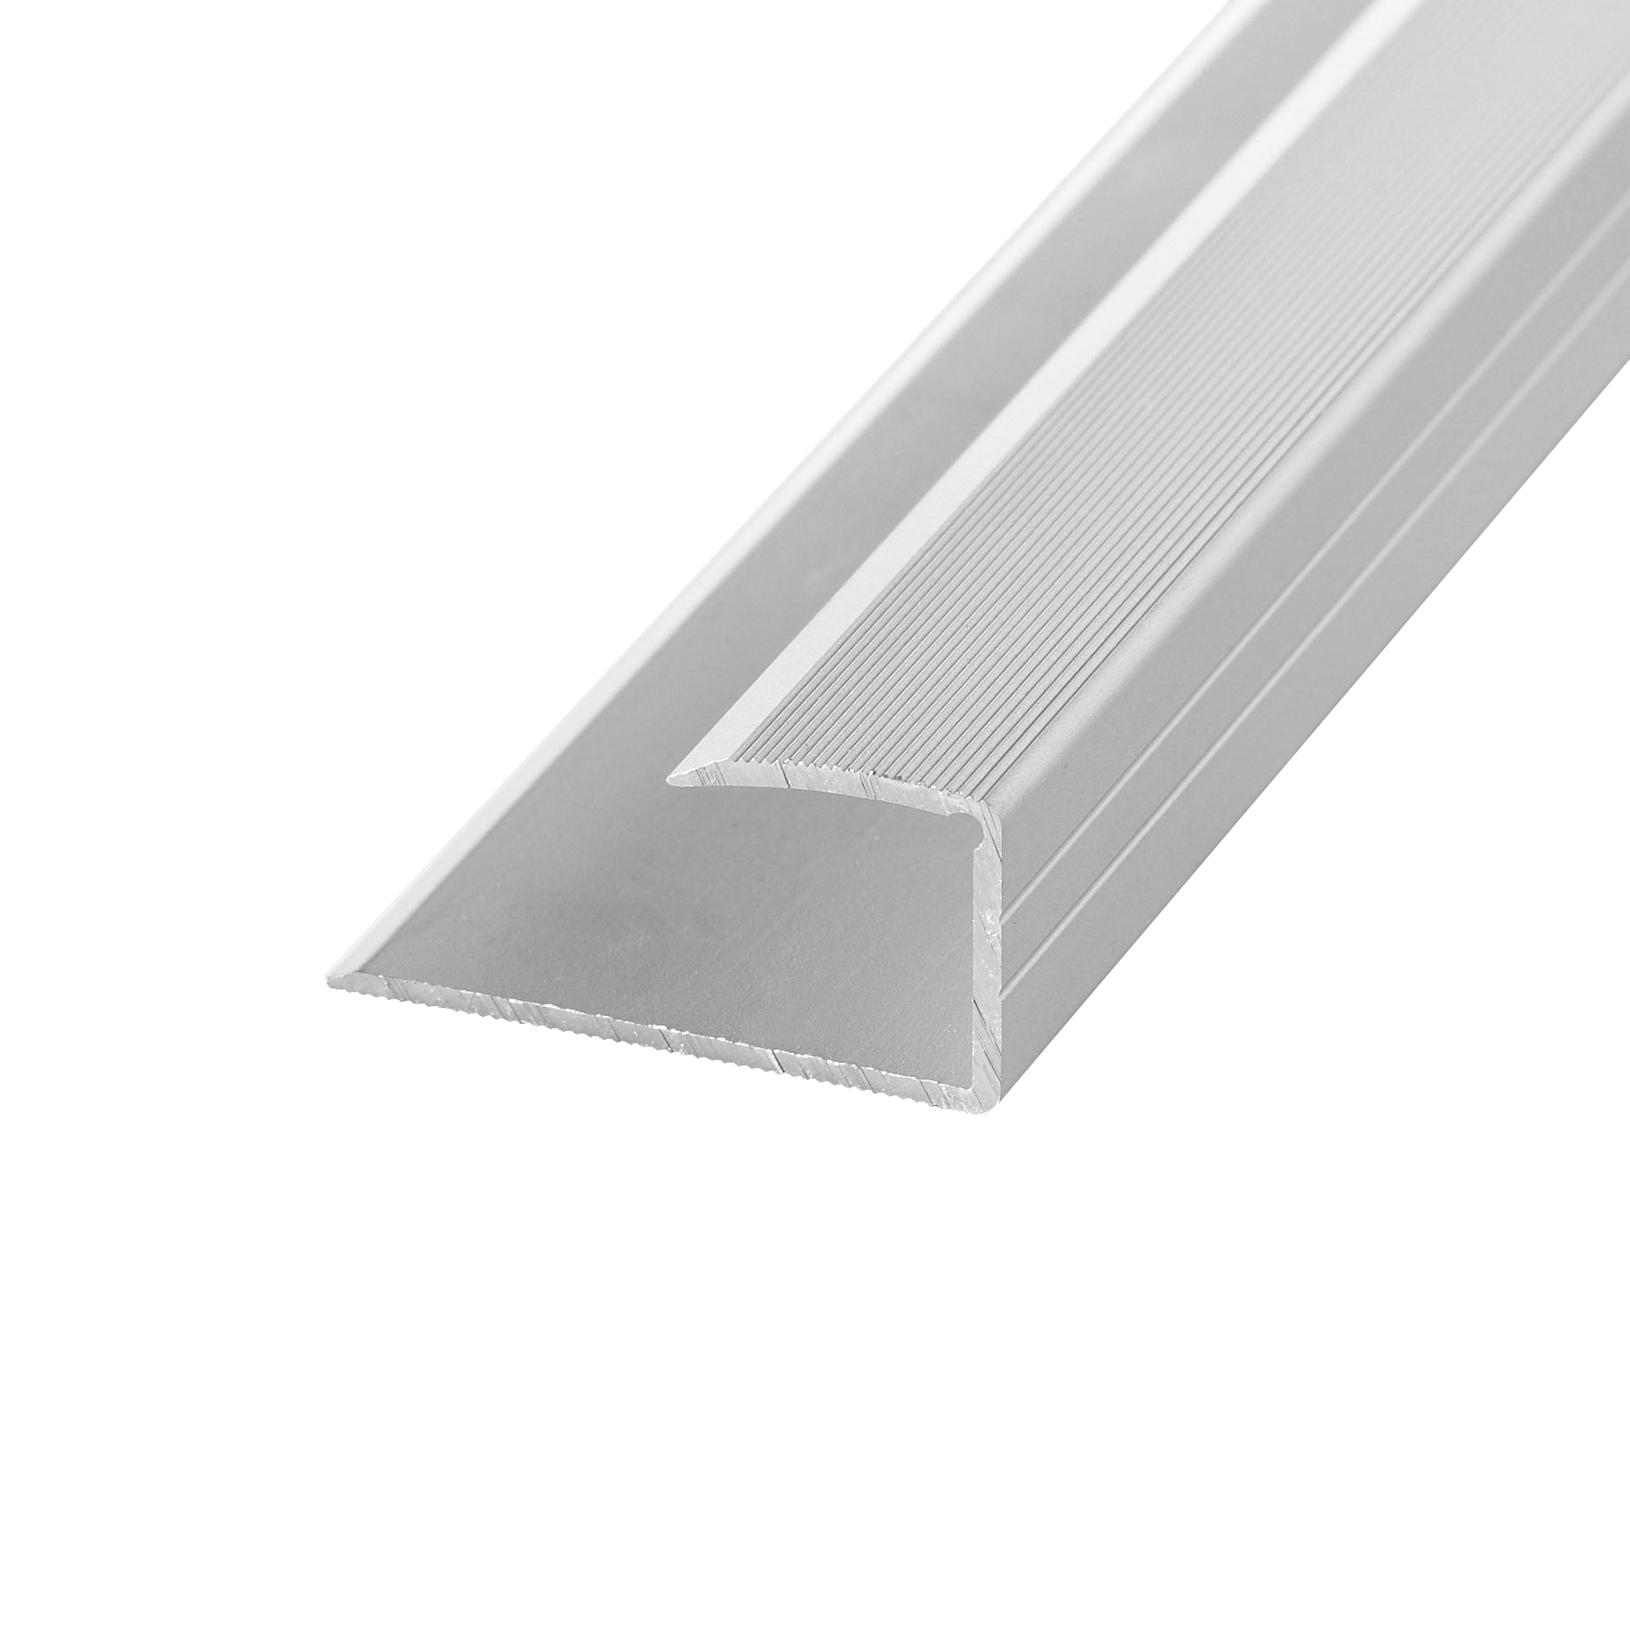 Einfassprofil 12-14mm Alu Silber